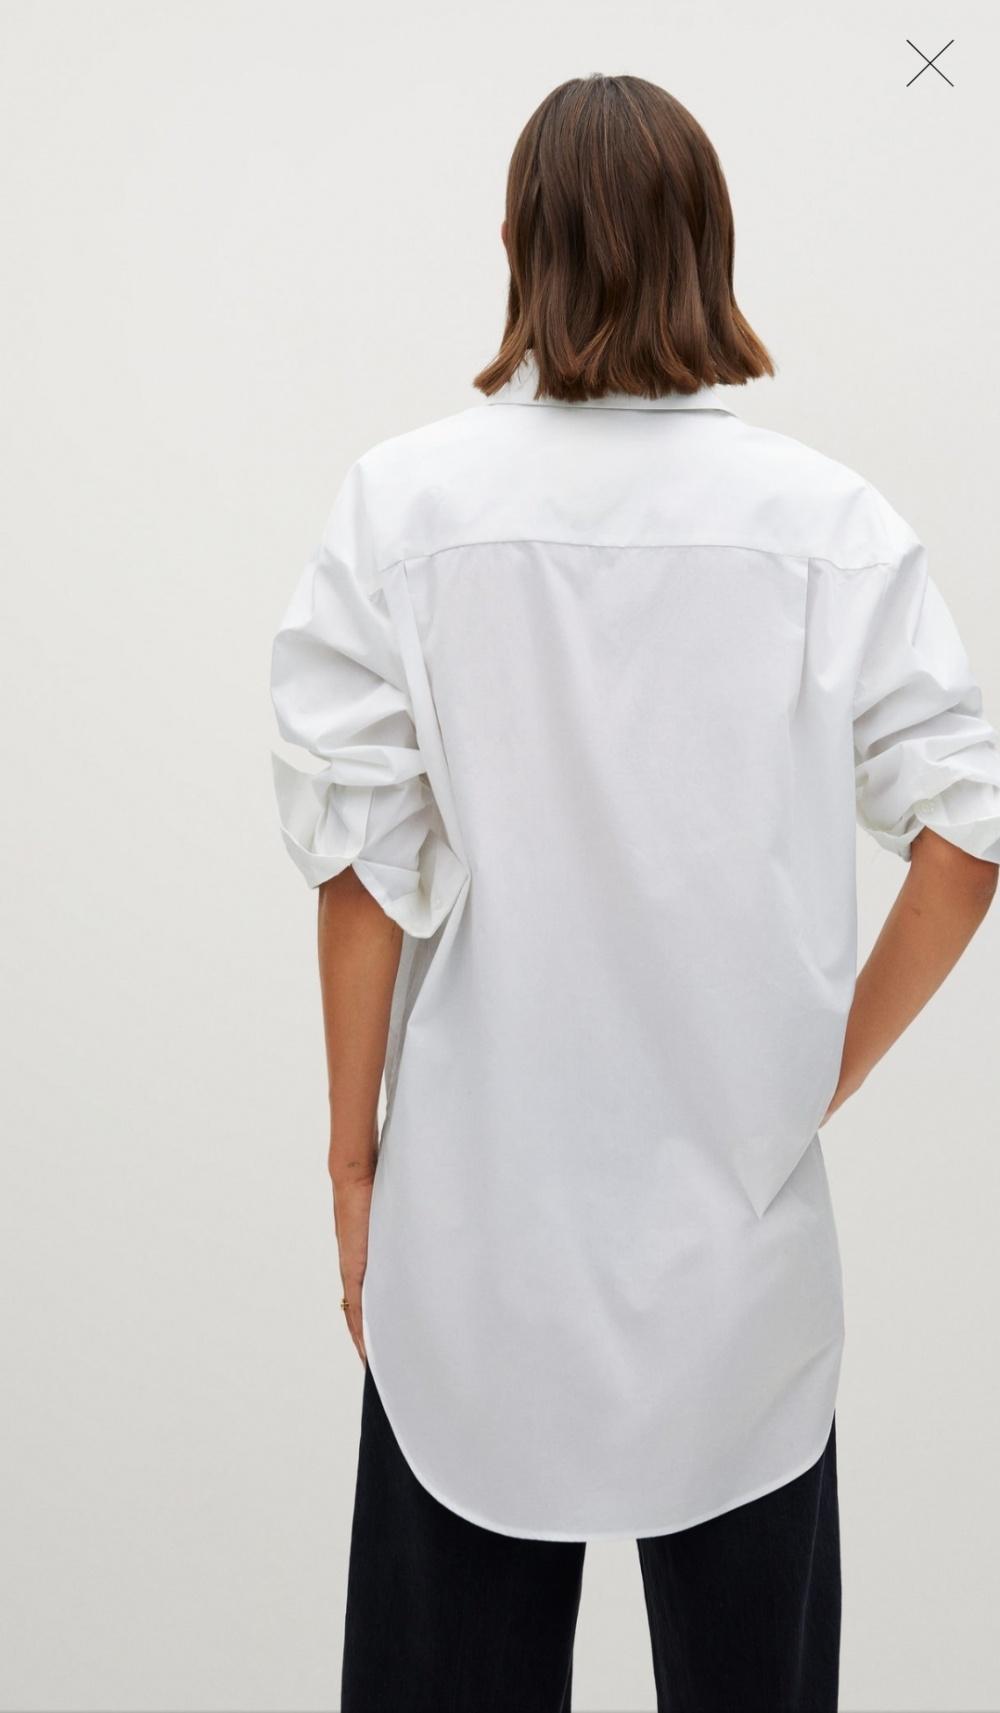 Рубашка Mango размер S (42-44)